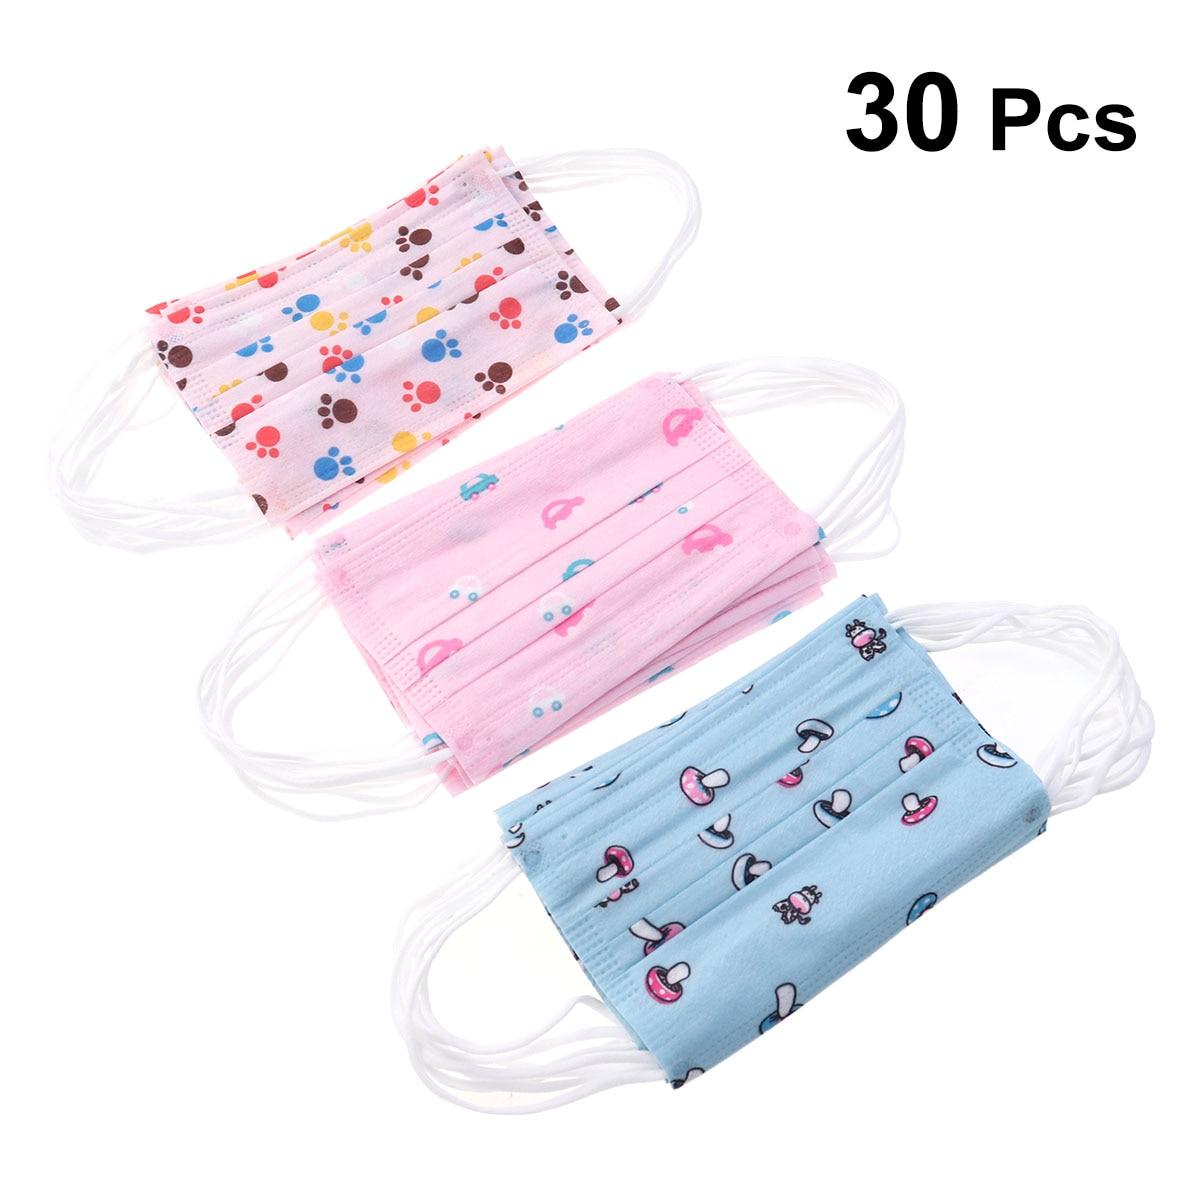 Damen-accessoires 30 Pcs Anti Staub Mund Gesicht Maske Atmungs Cartoon Gedruckt Einweg-ohrbügel Atemschutz Masken Vlies Stoff Für Kinder Heller Glanz